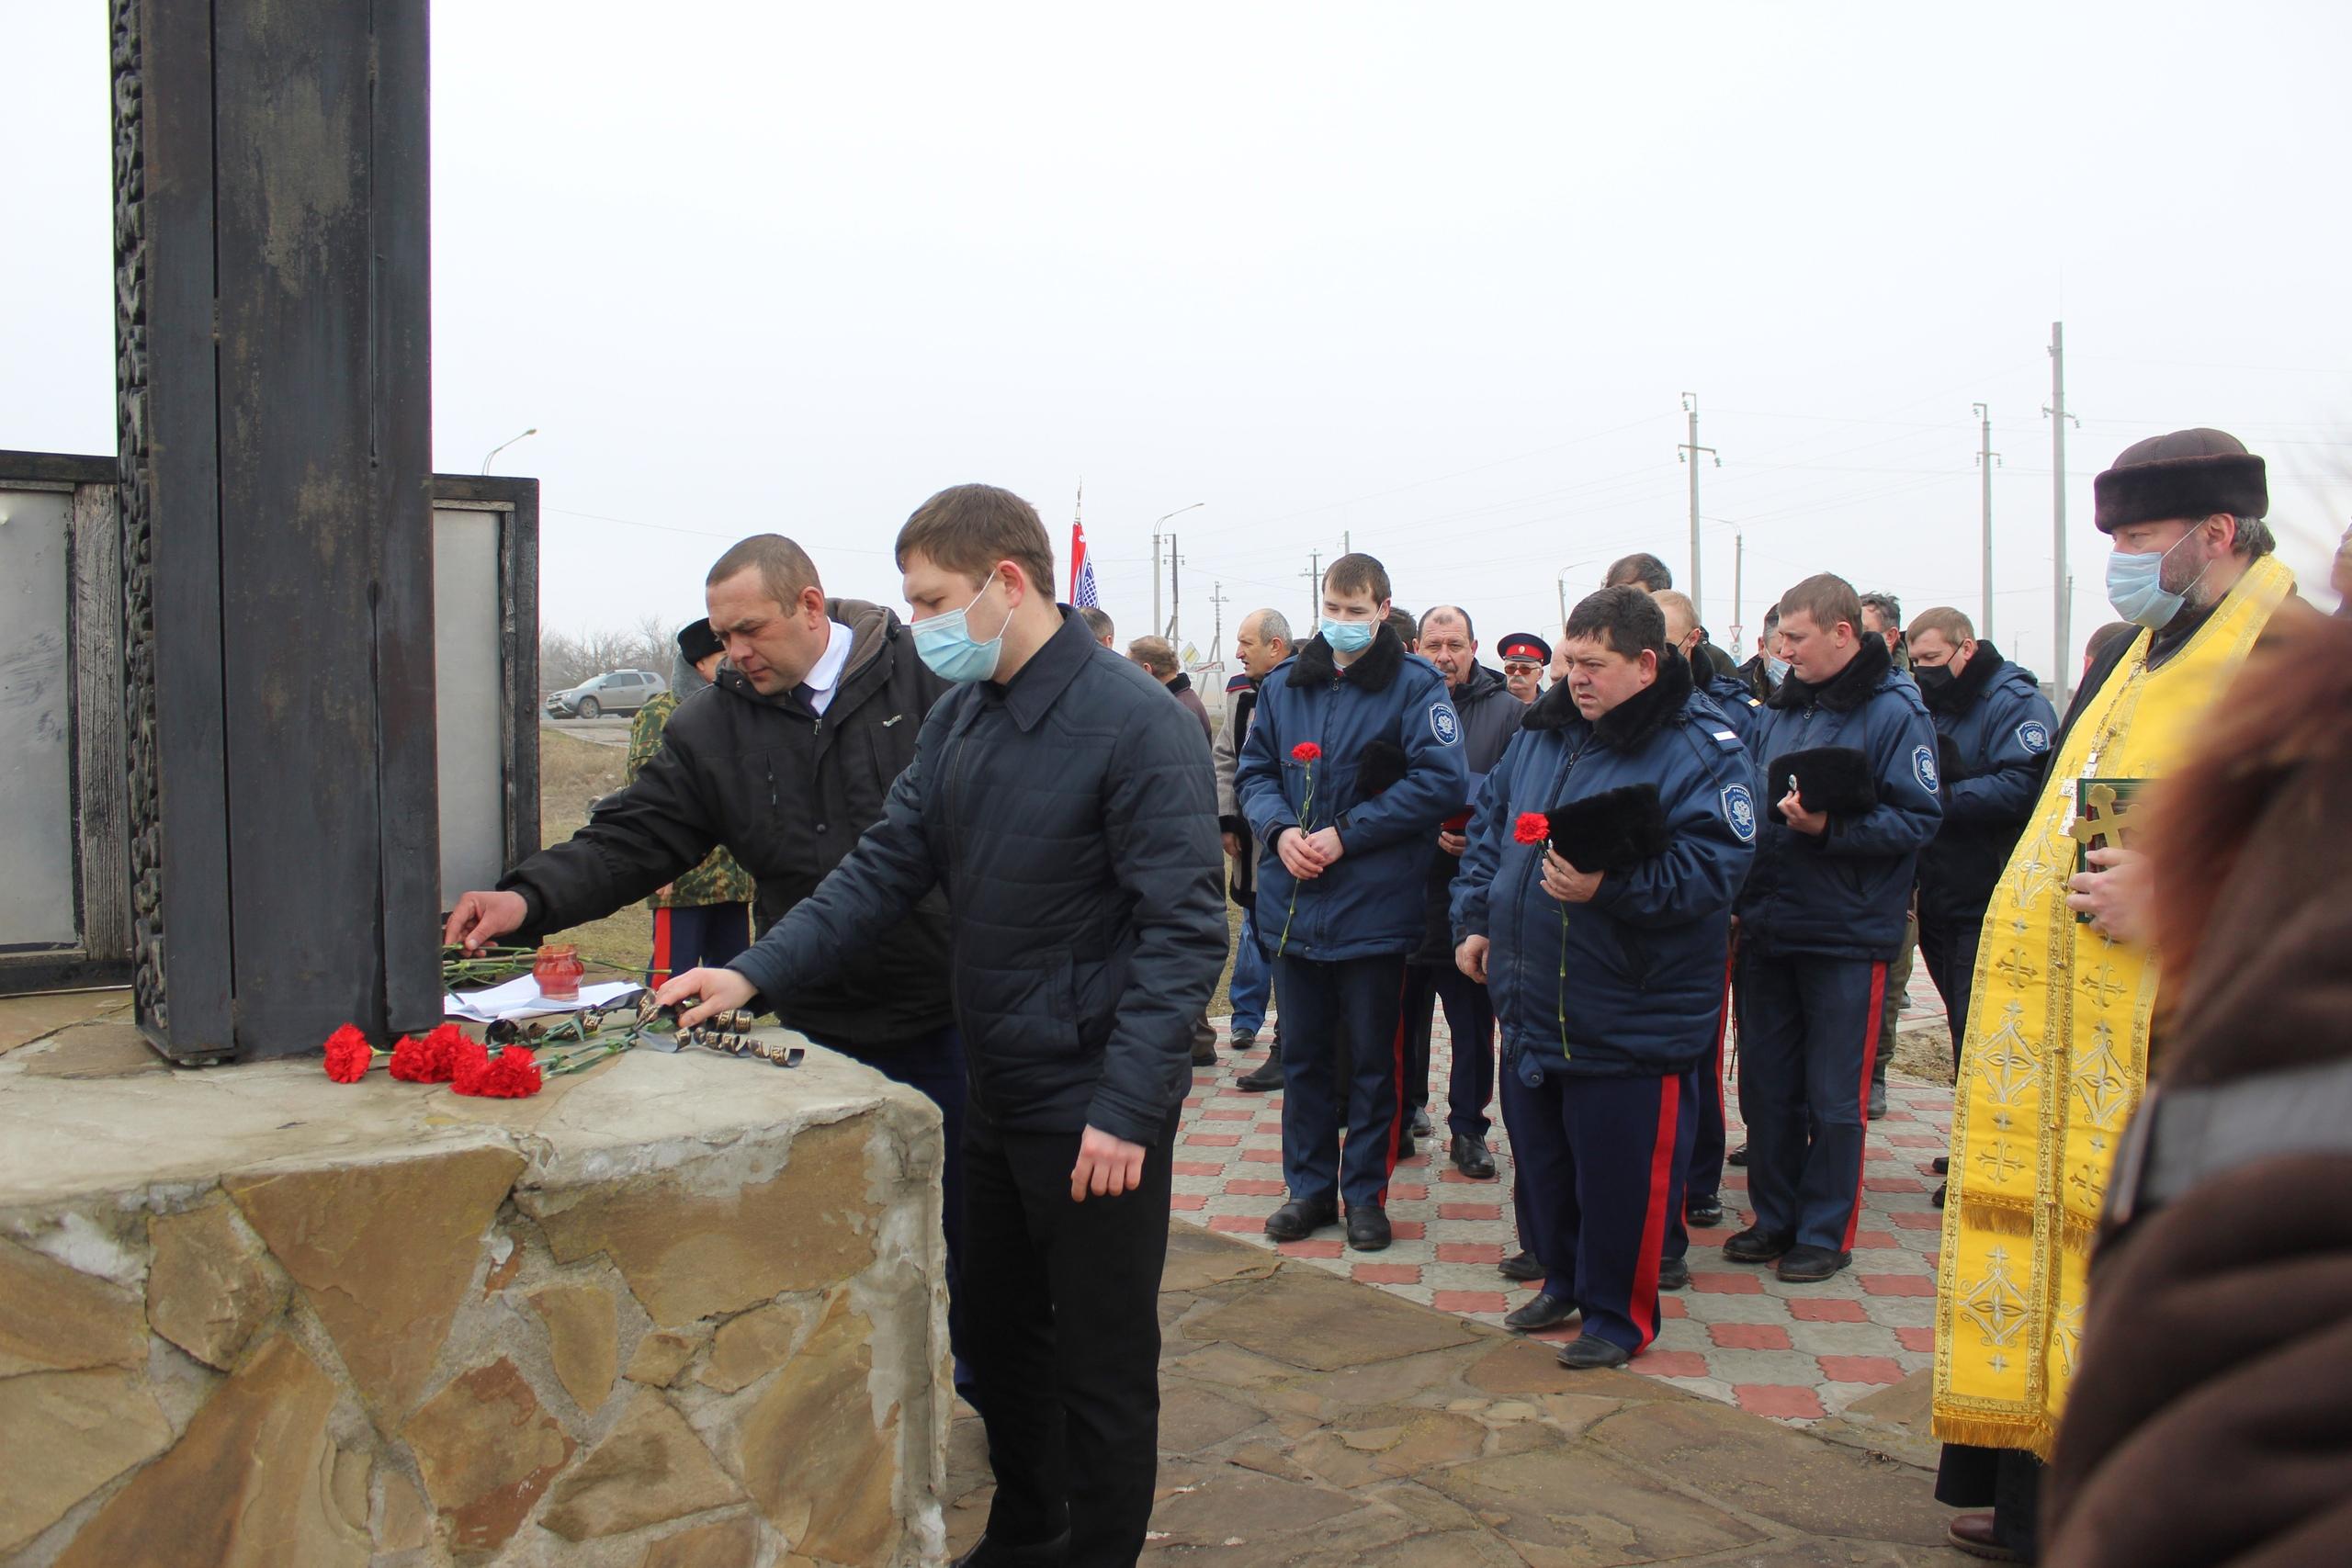 Митинг к памятной дате в Егорлыкском районе